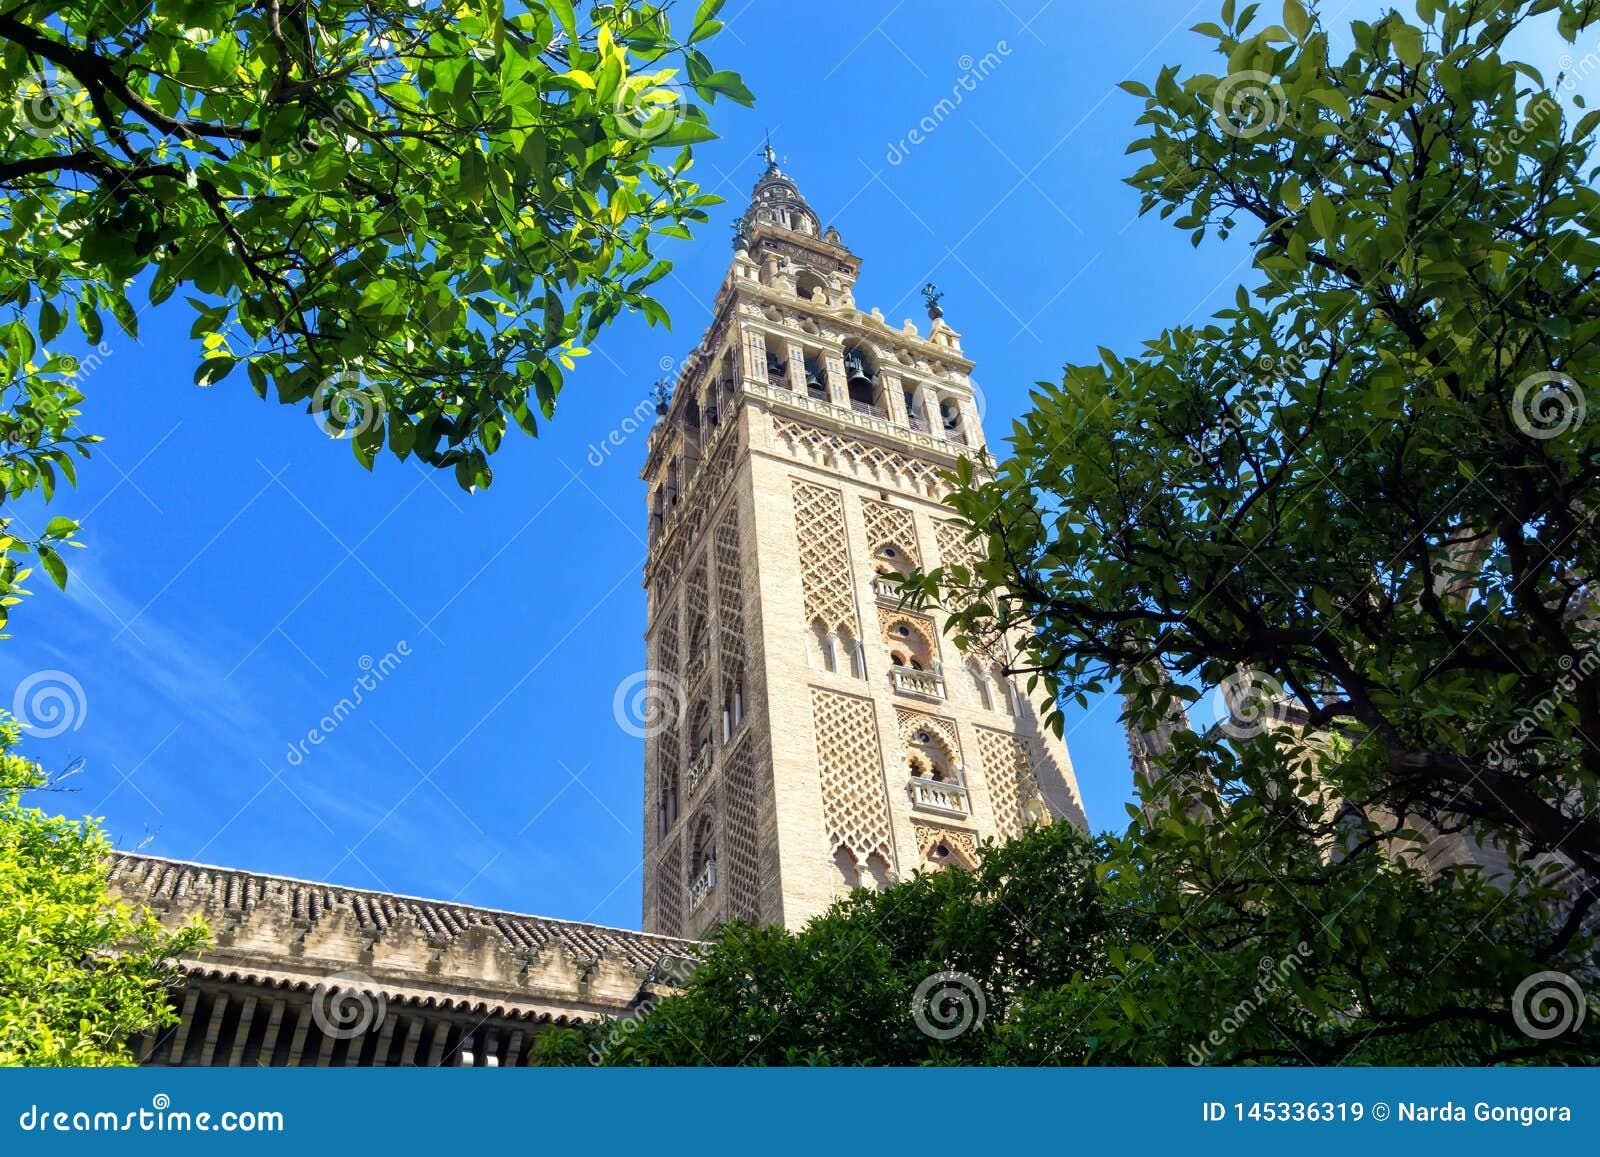 Κώνος του καθεδρικού ναού της Σεβίλης στην Ισπανία